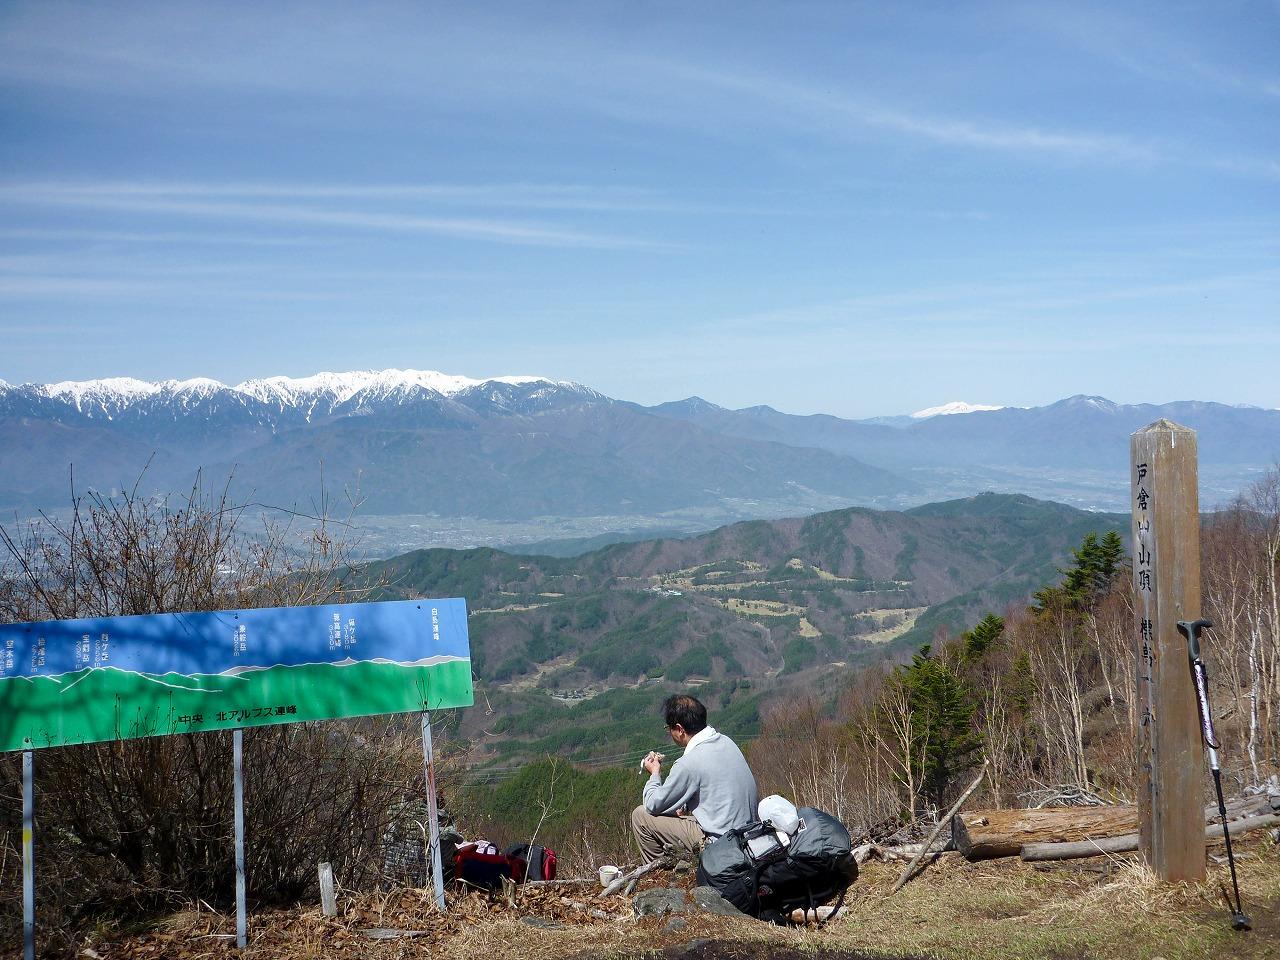 戸倉山 - 西峰からの展望